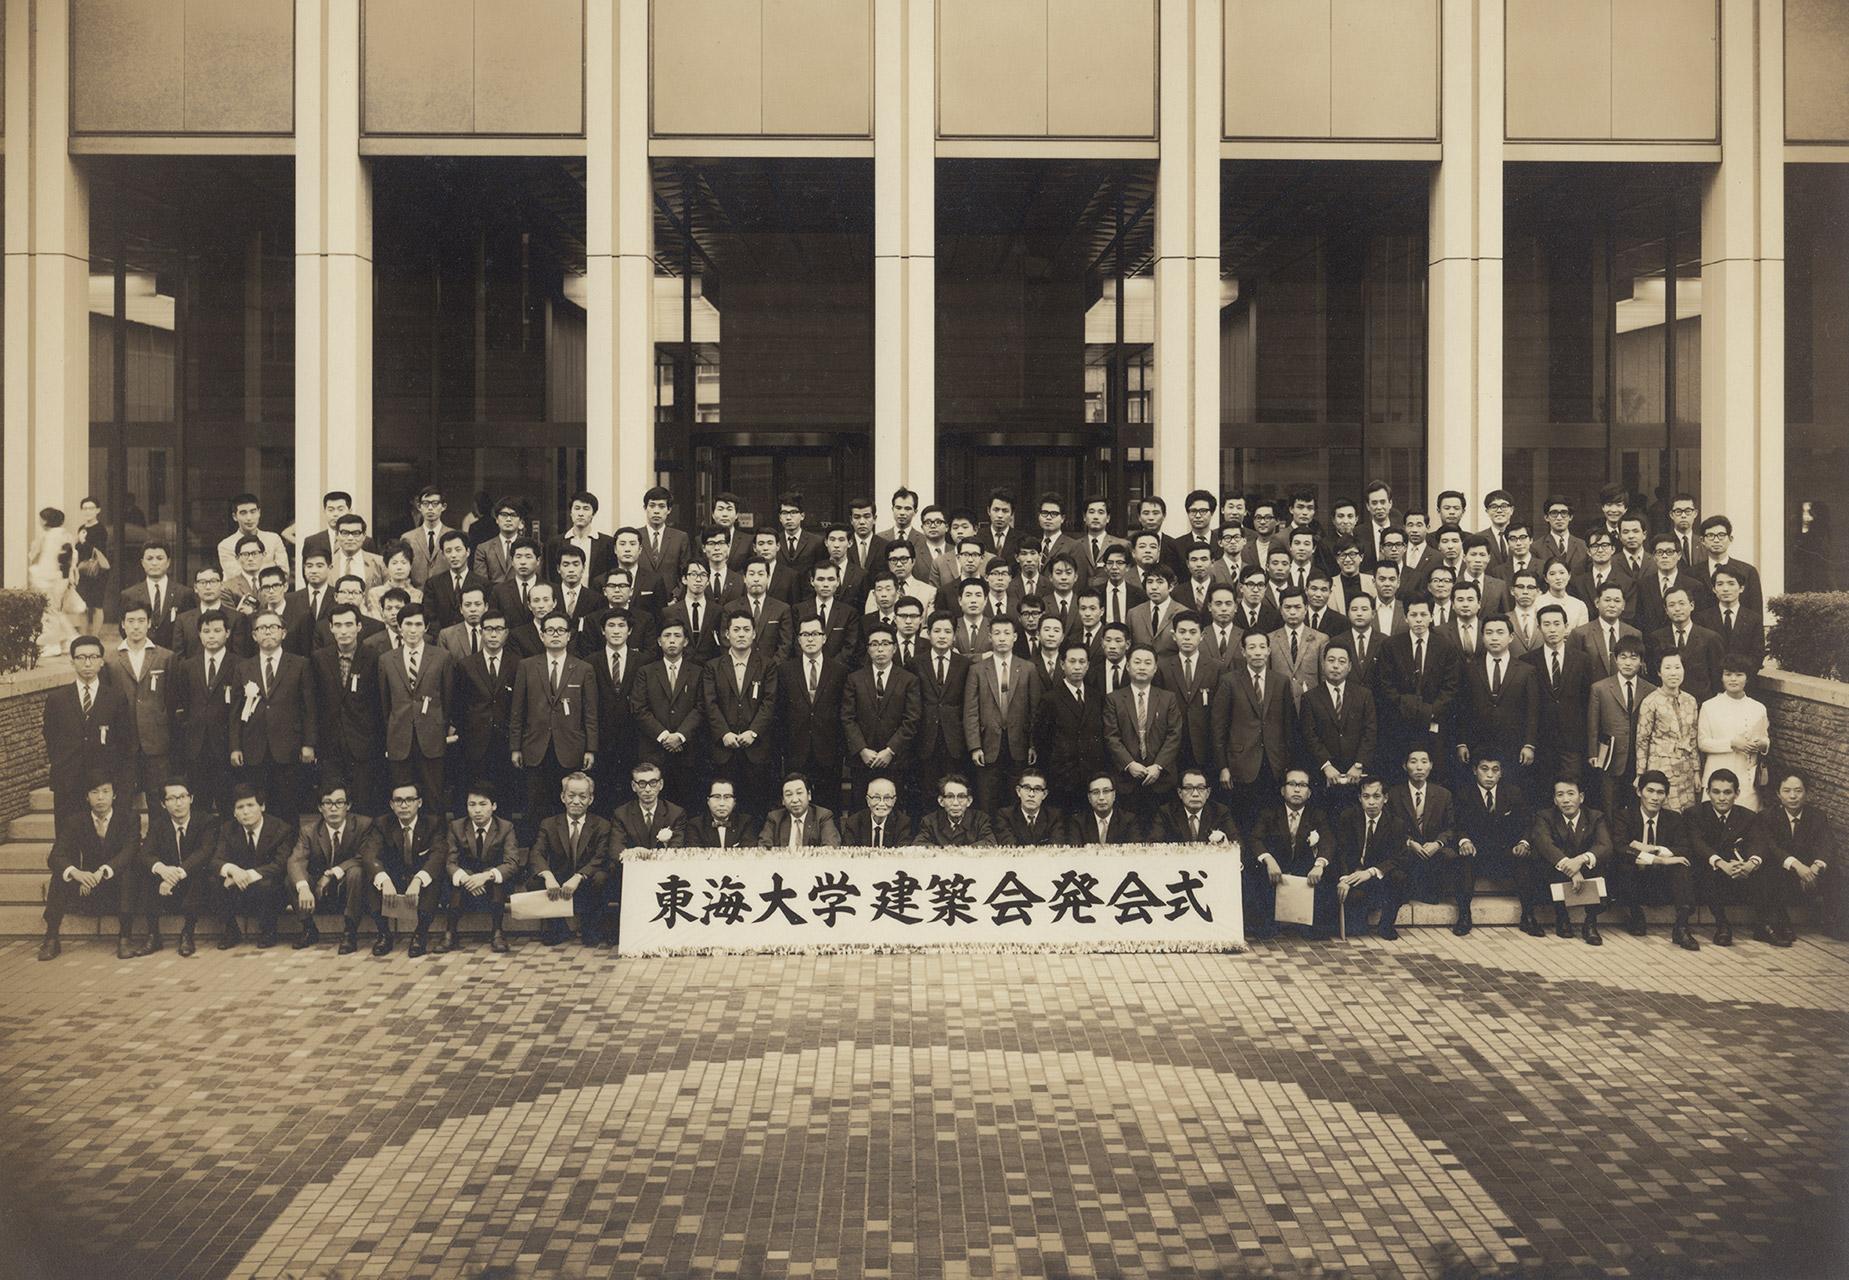 建築会発会式 © 藤原寫真場 5th October, 1969